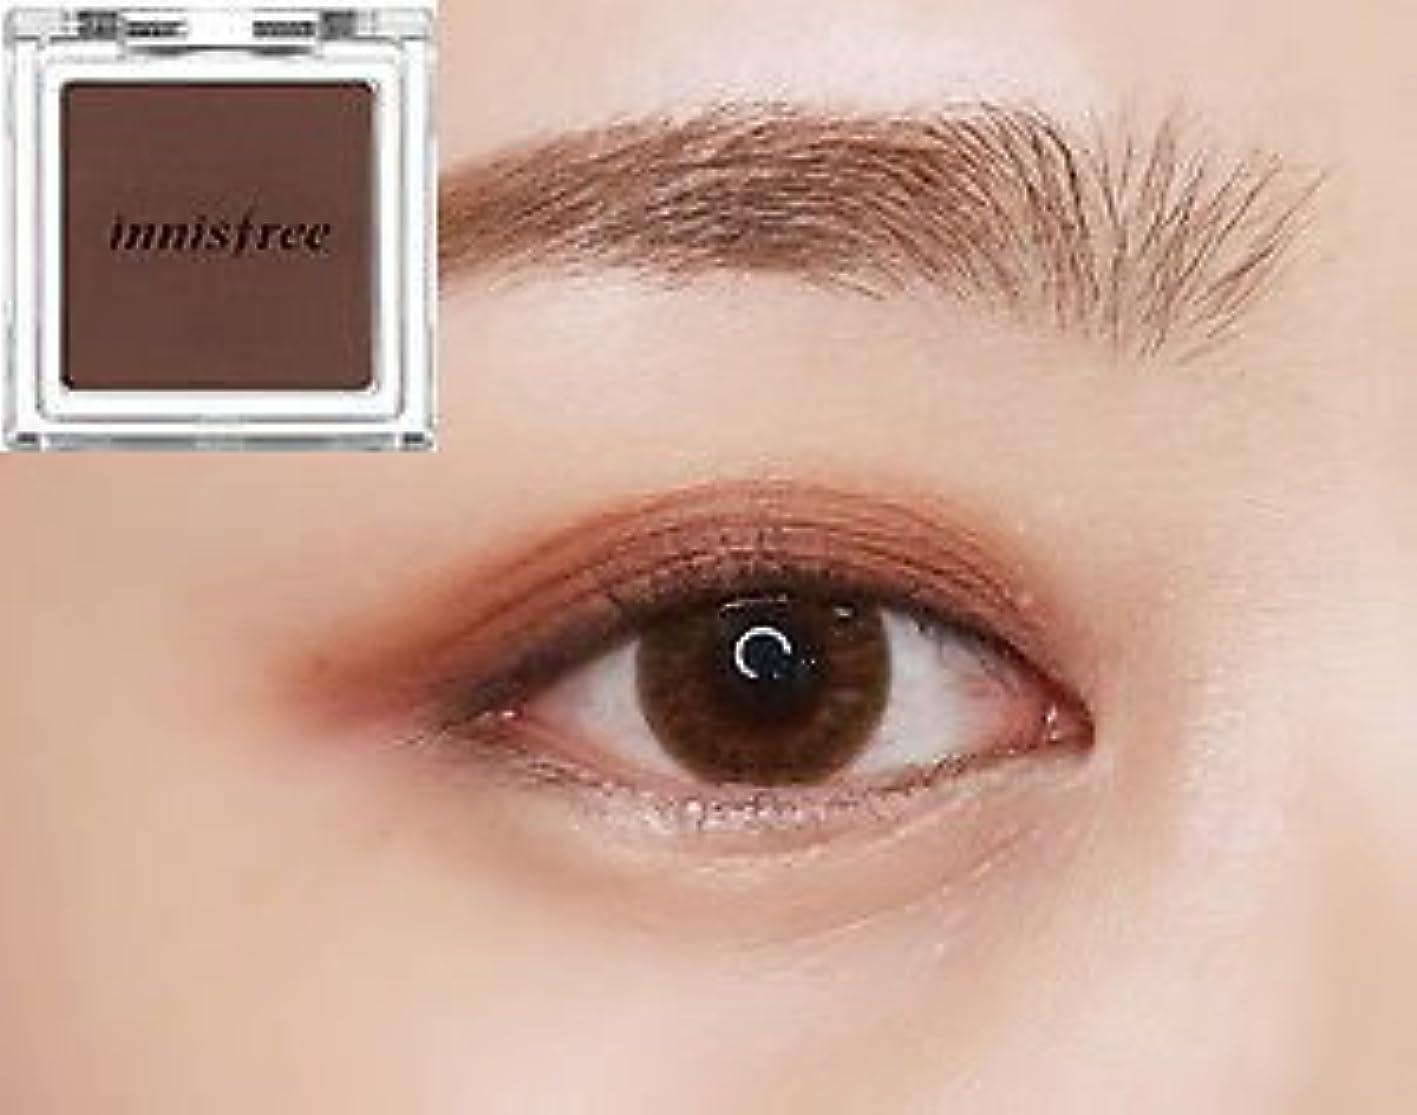 [イニスフリー] innisfree [マイ パレット マイ アイシャドウ (マット) 40カラー] MY PALETTE My Eyeshadow (Matte) 40 Shades [海外直送品] (マット #15)